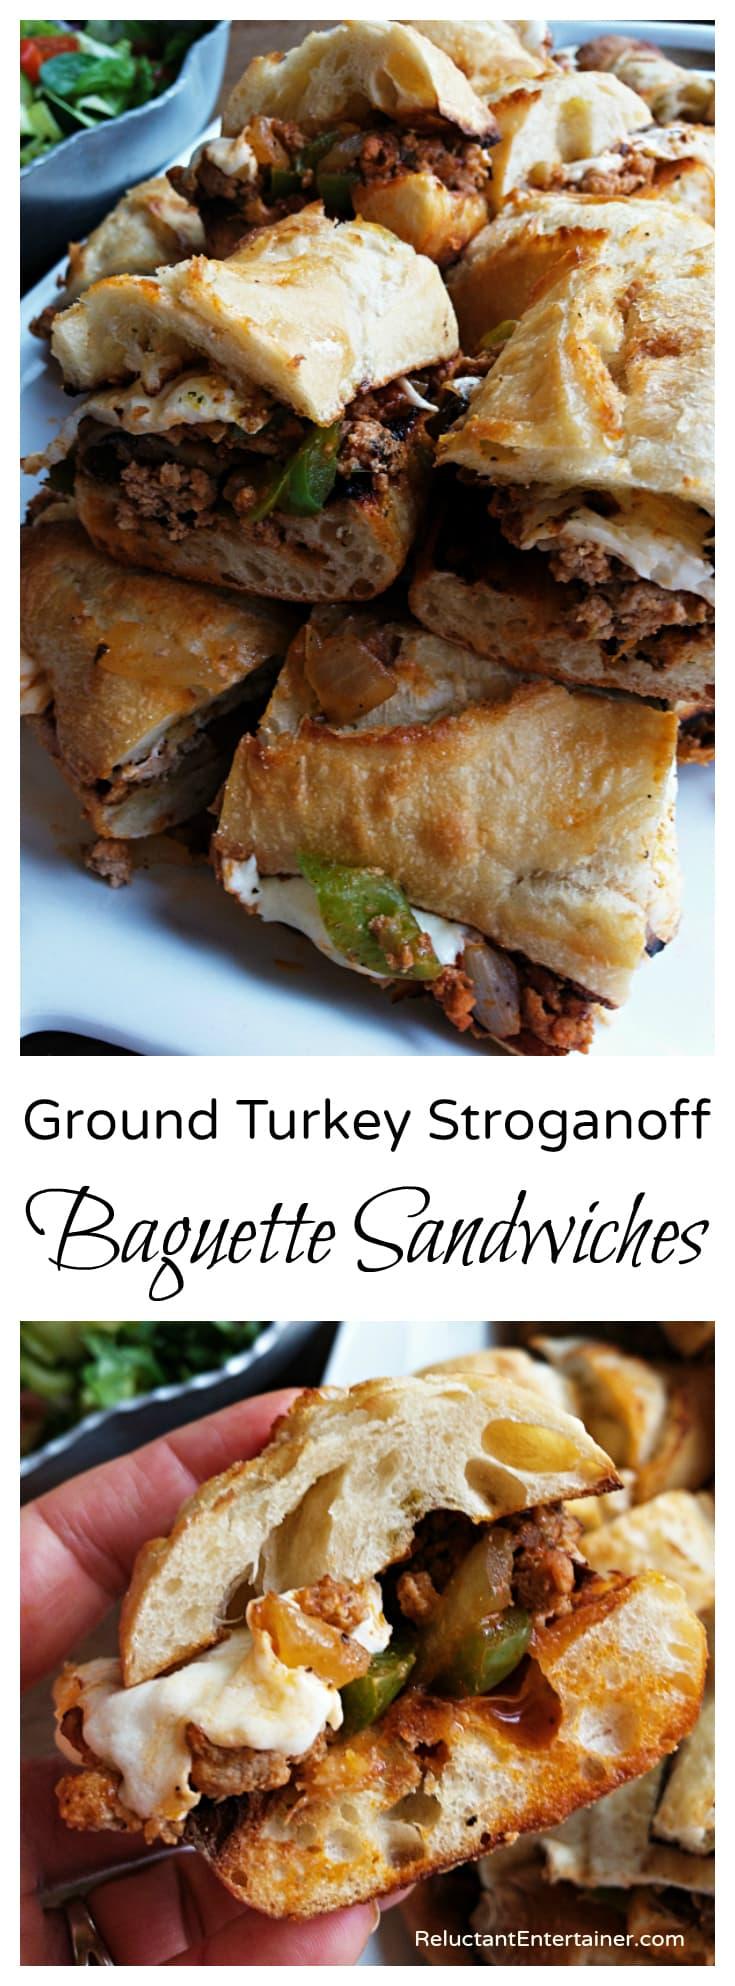 Ground Turkey Stroganoff Baguette Sandwiches